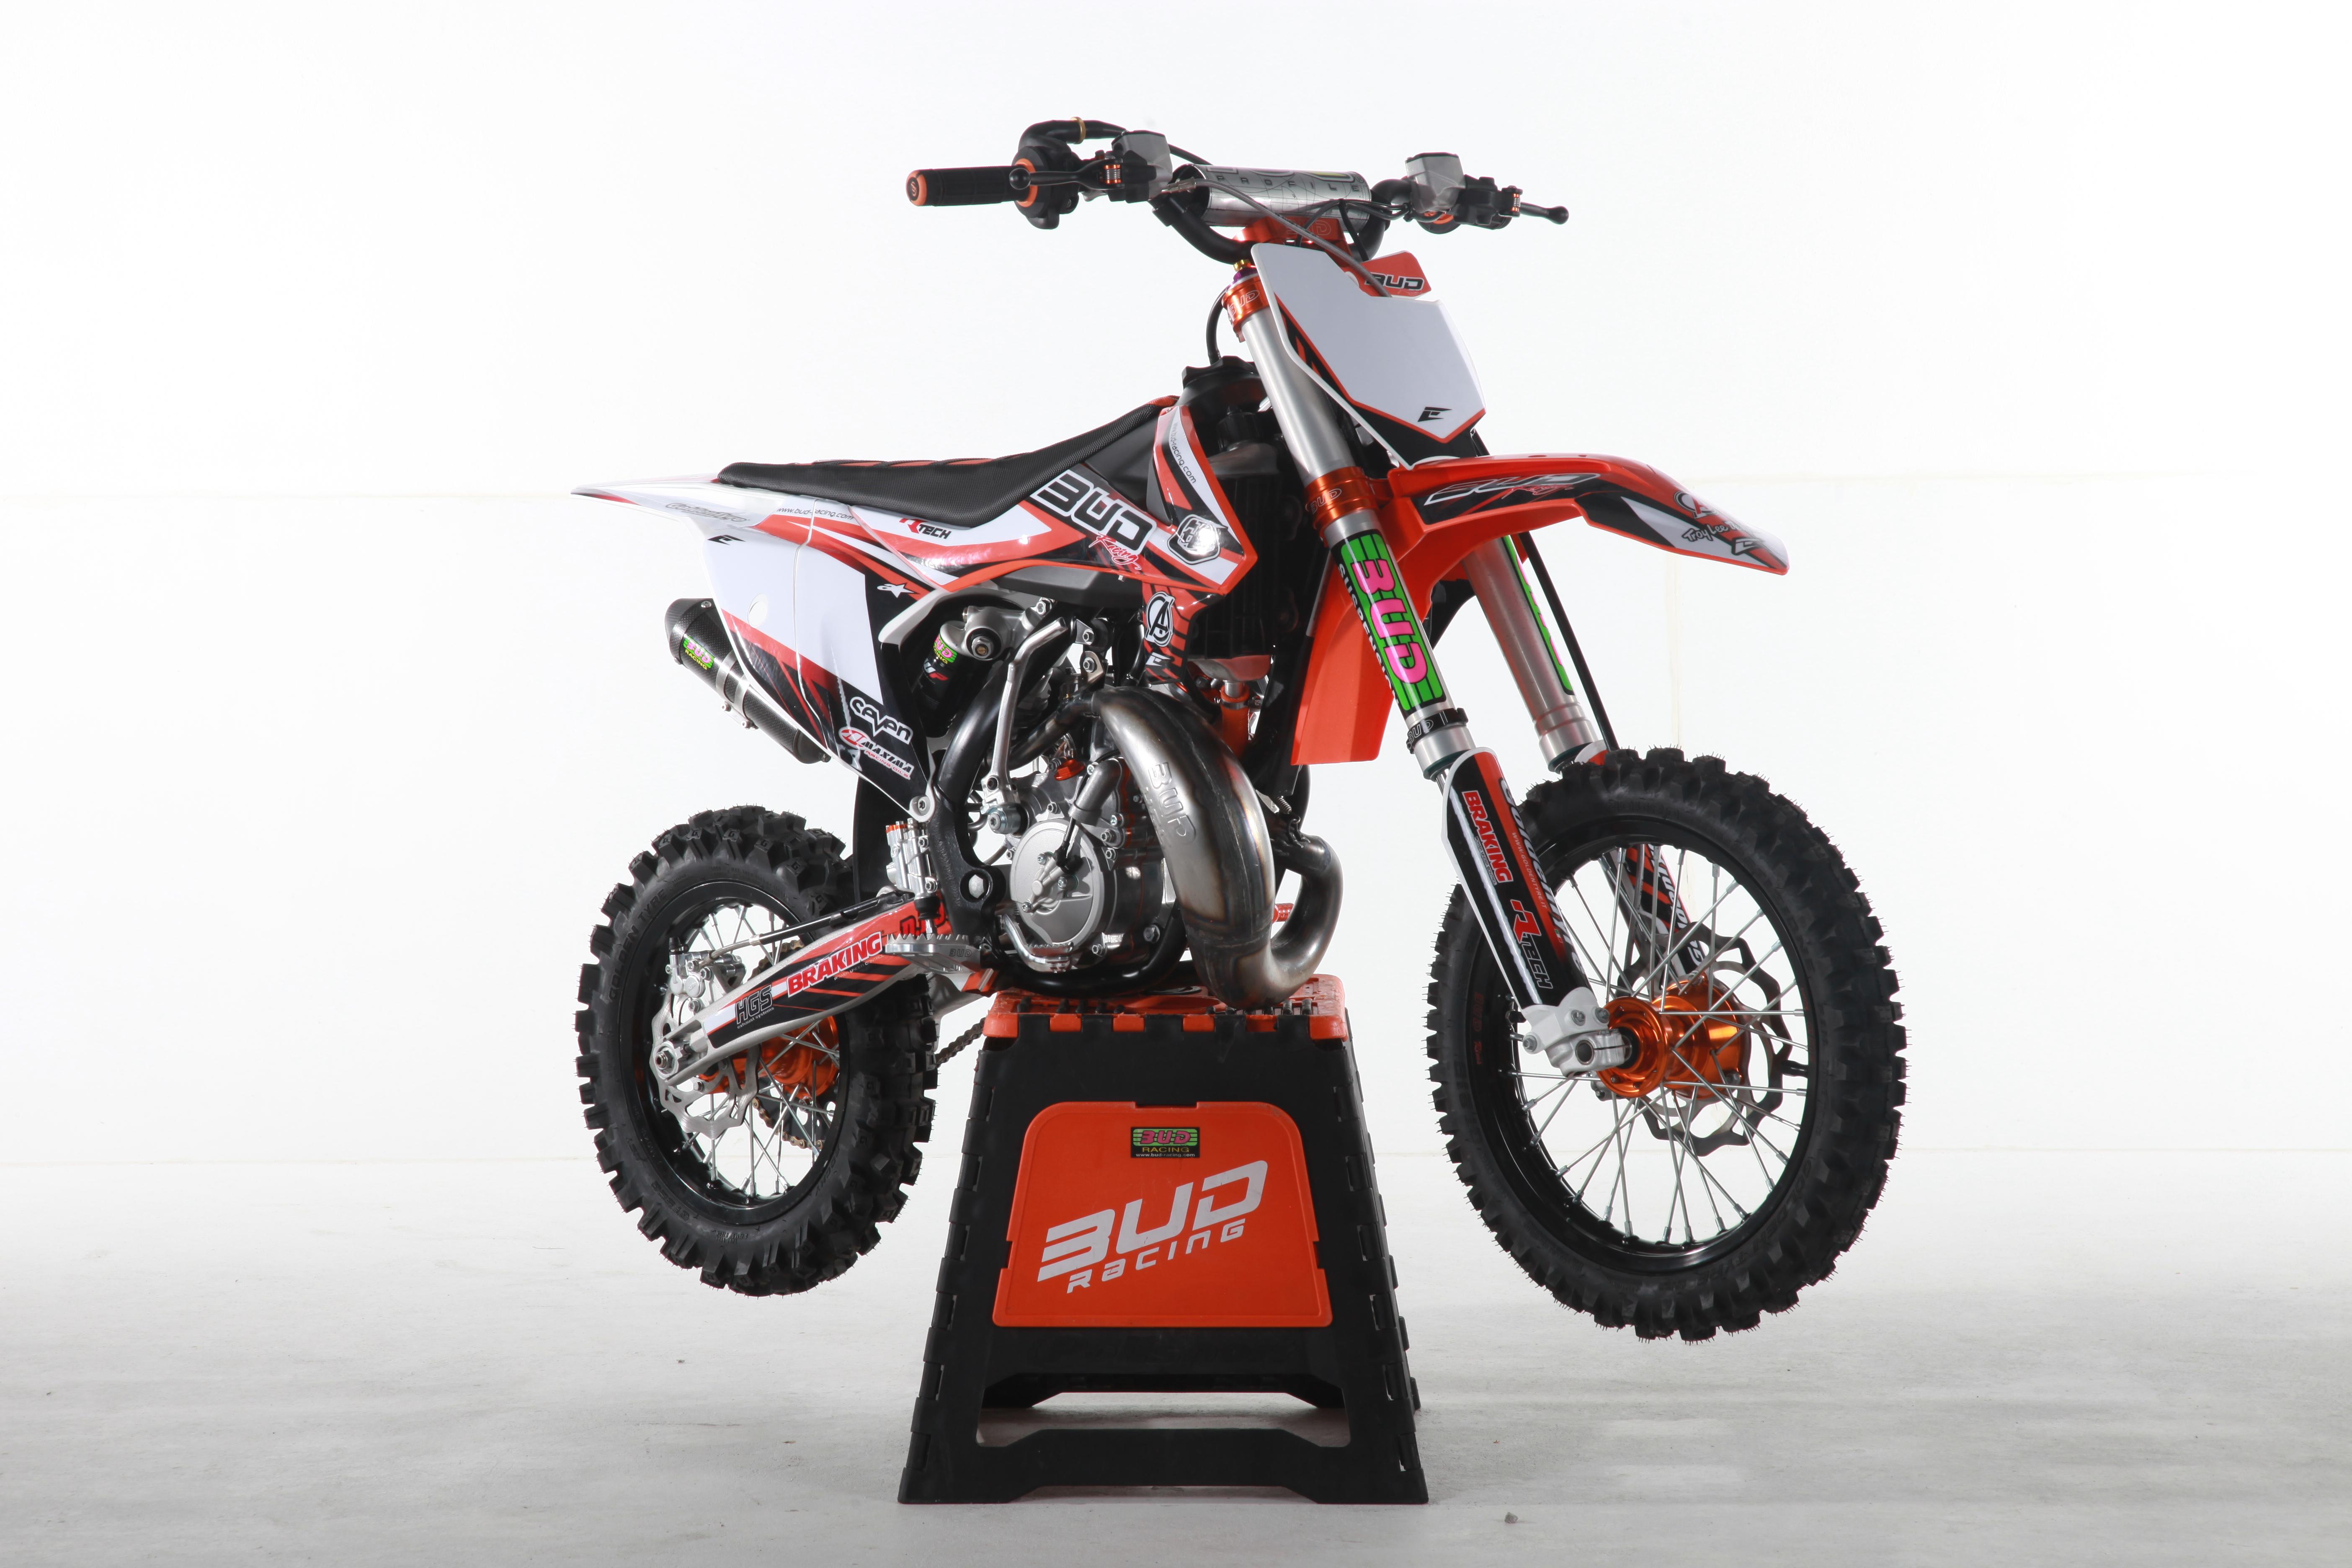 65 SX 2016 Bud Racing - Bud Racing USA